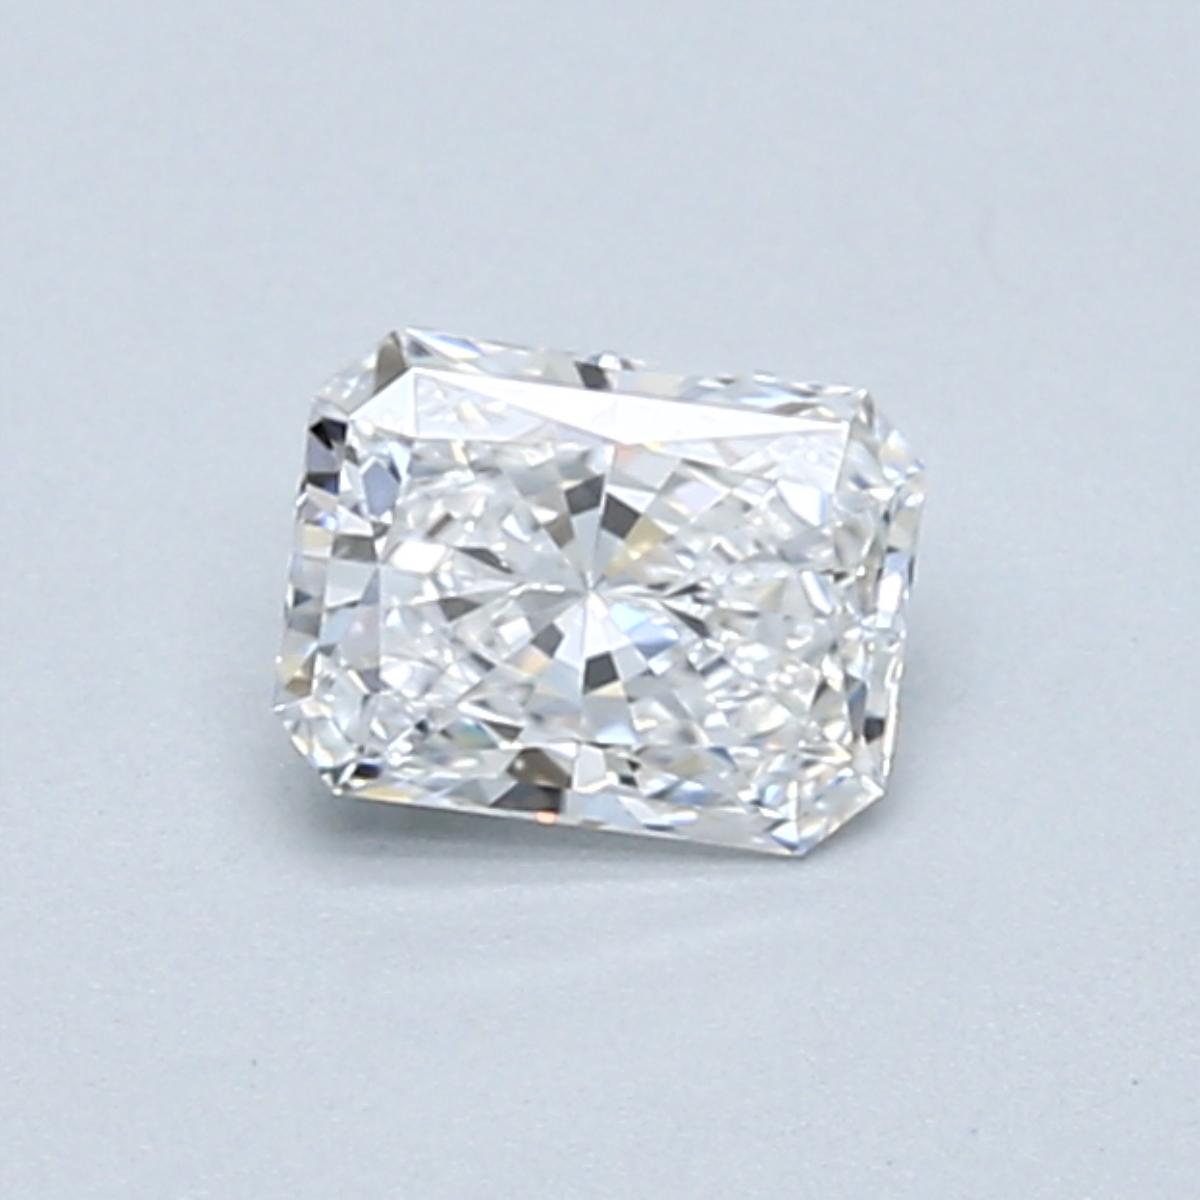 0.51-Carat Princess Cut Diamond